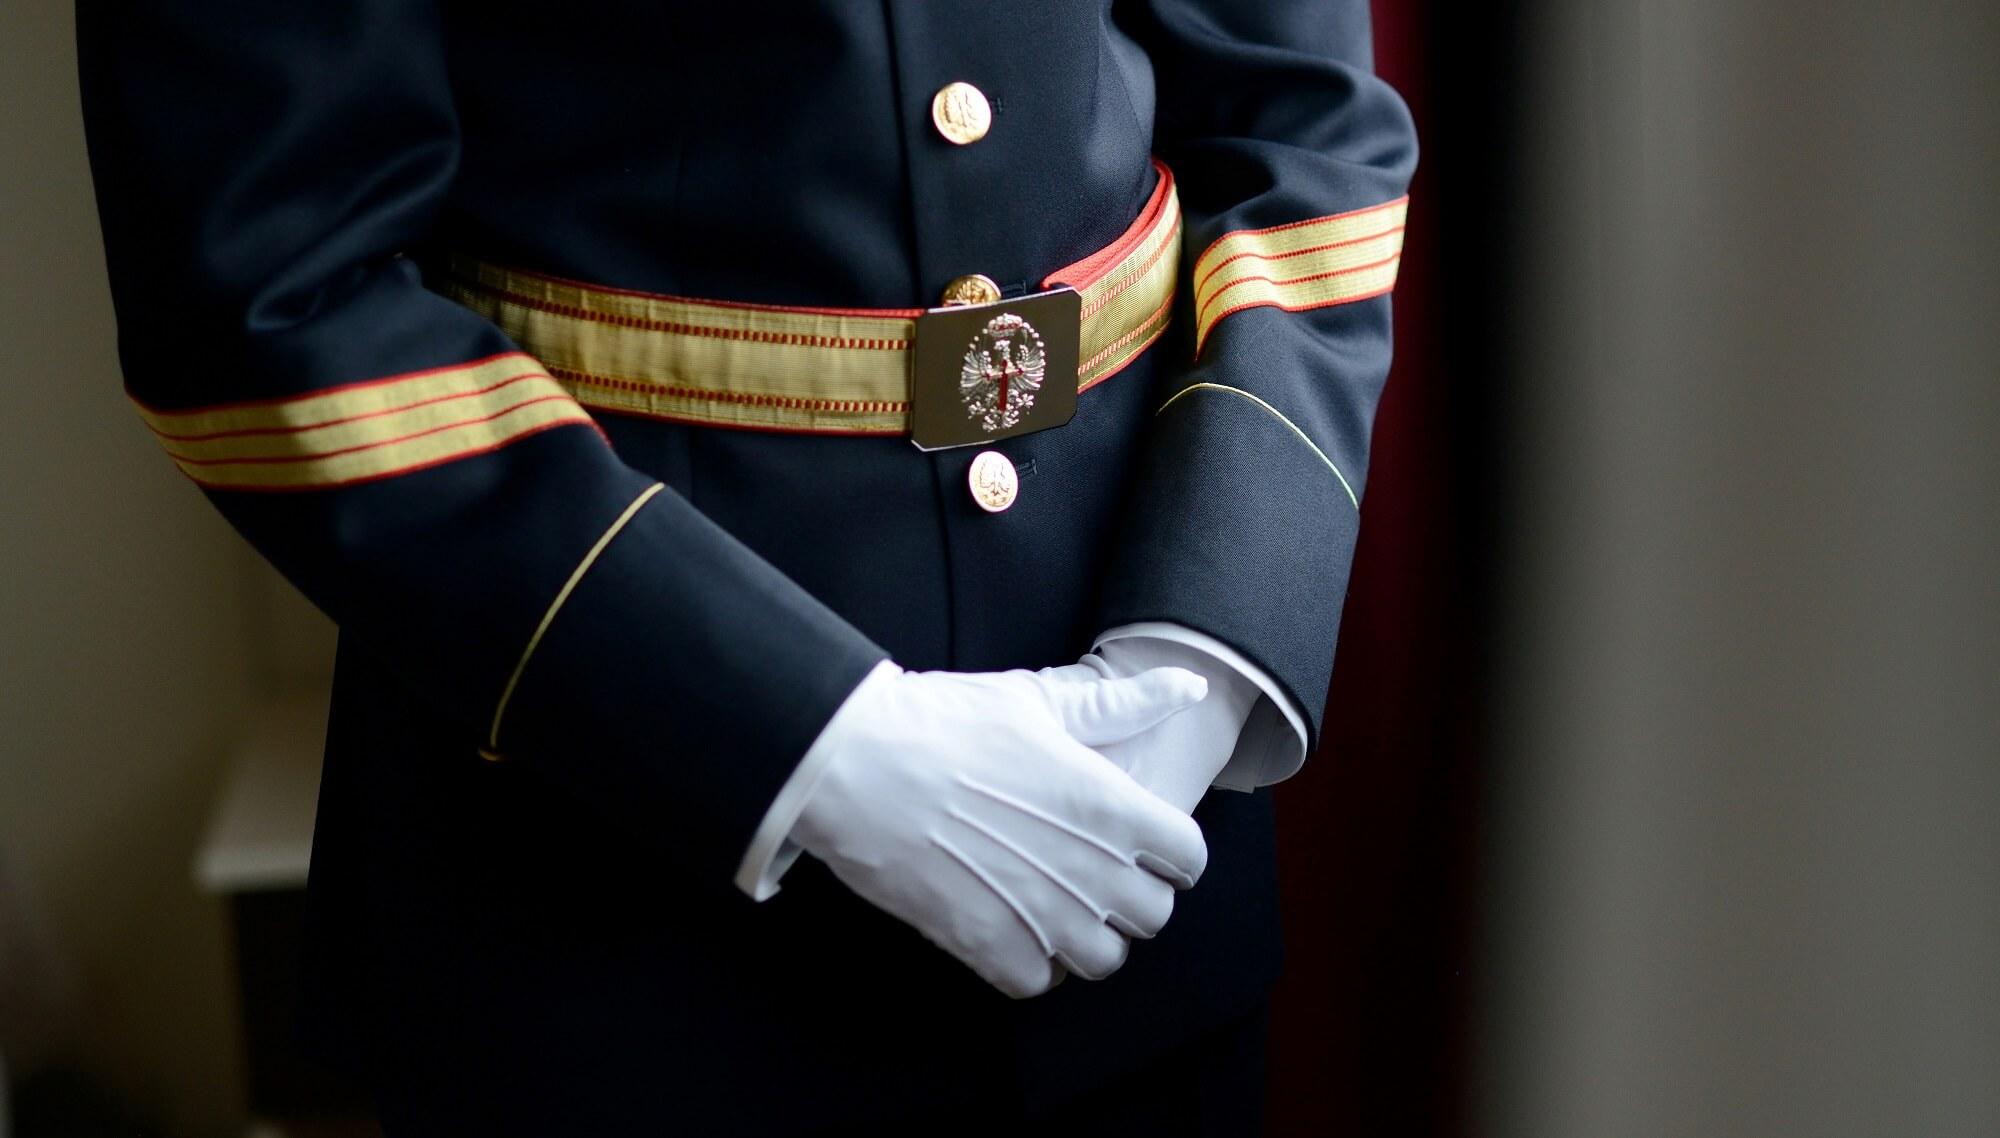 Pruebas fisicas y requisitos para ser guardia civil.